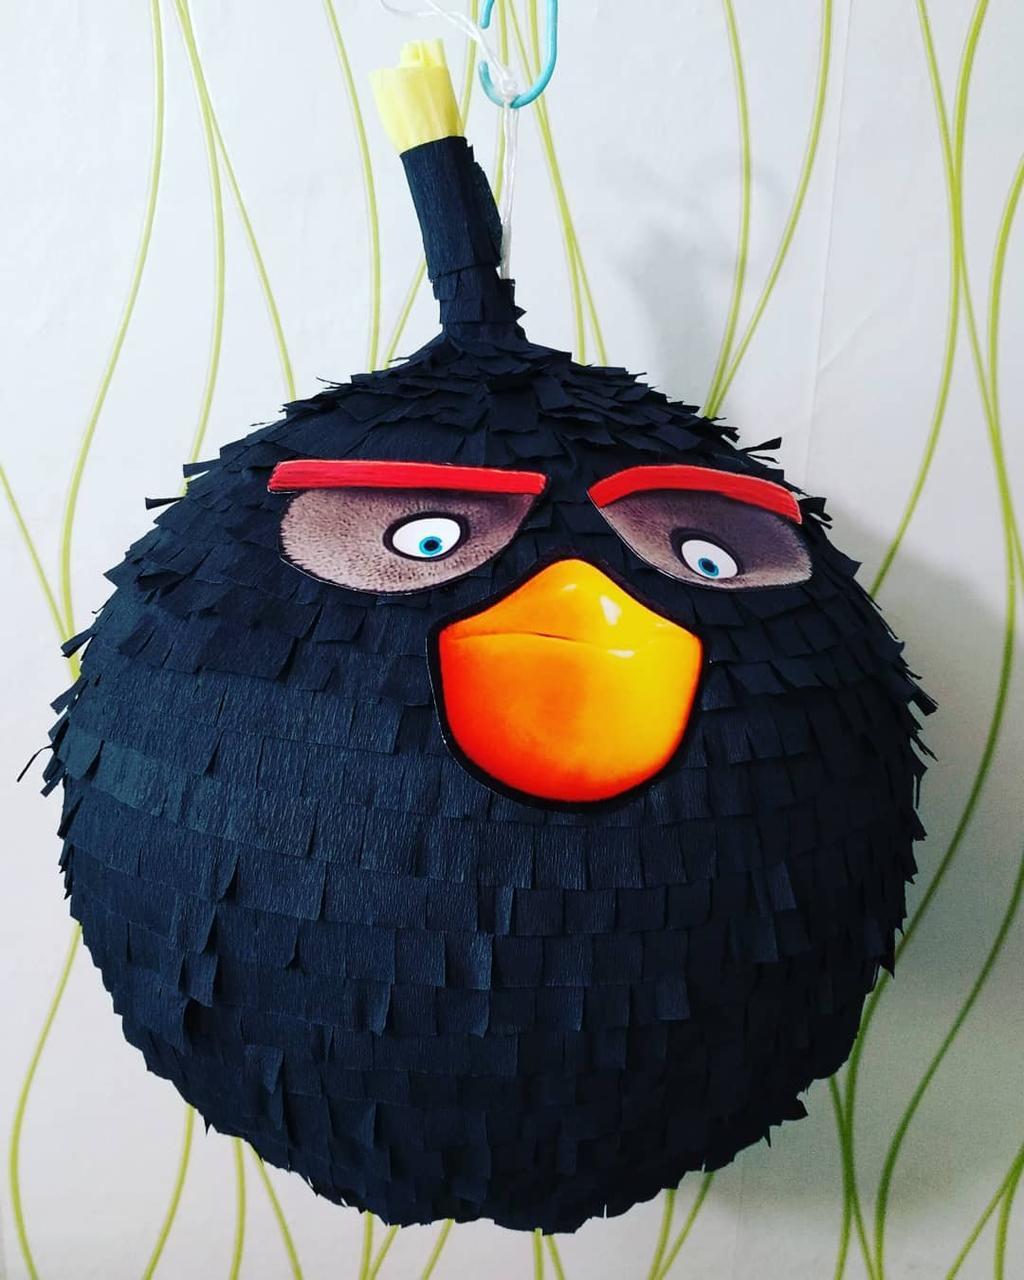 Піньята - Angry Birds Енгрі Бердс. Є розміри. Медаль в ПОДАРУНОК .